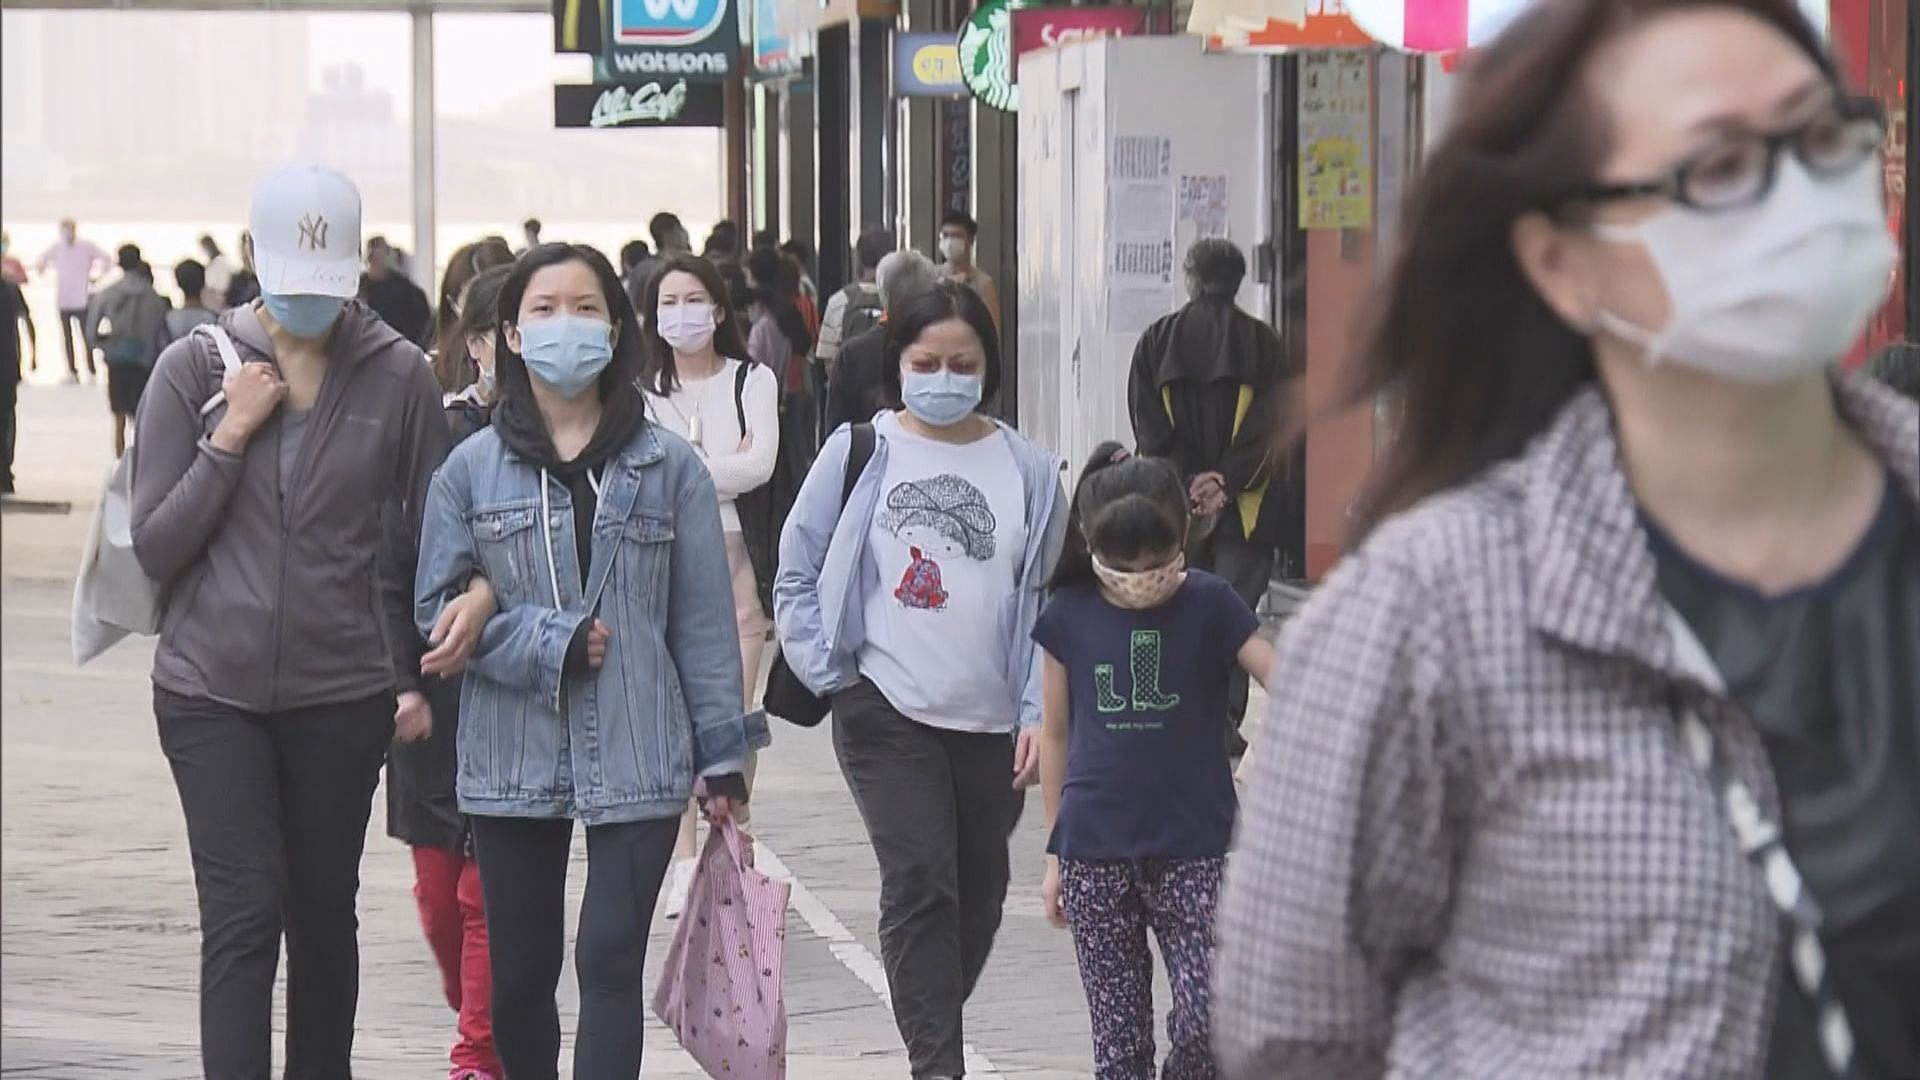 袁國勇:若全民戴口罩可分階段放寬防疫措施